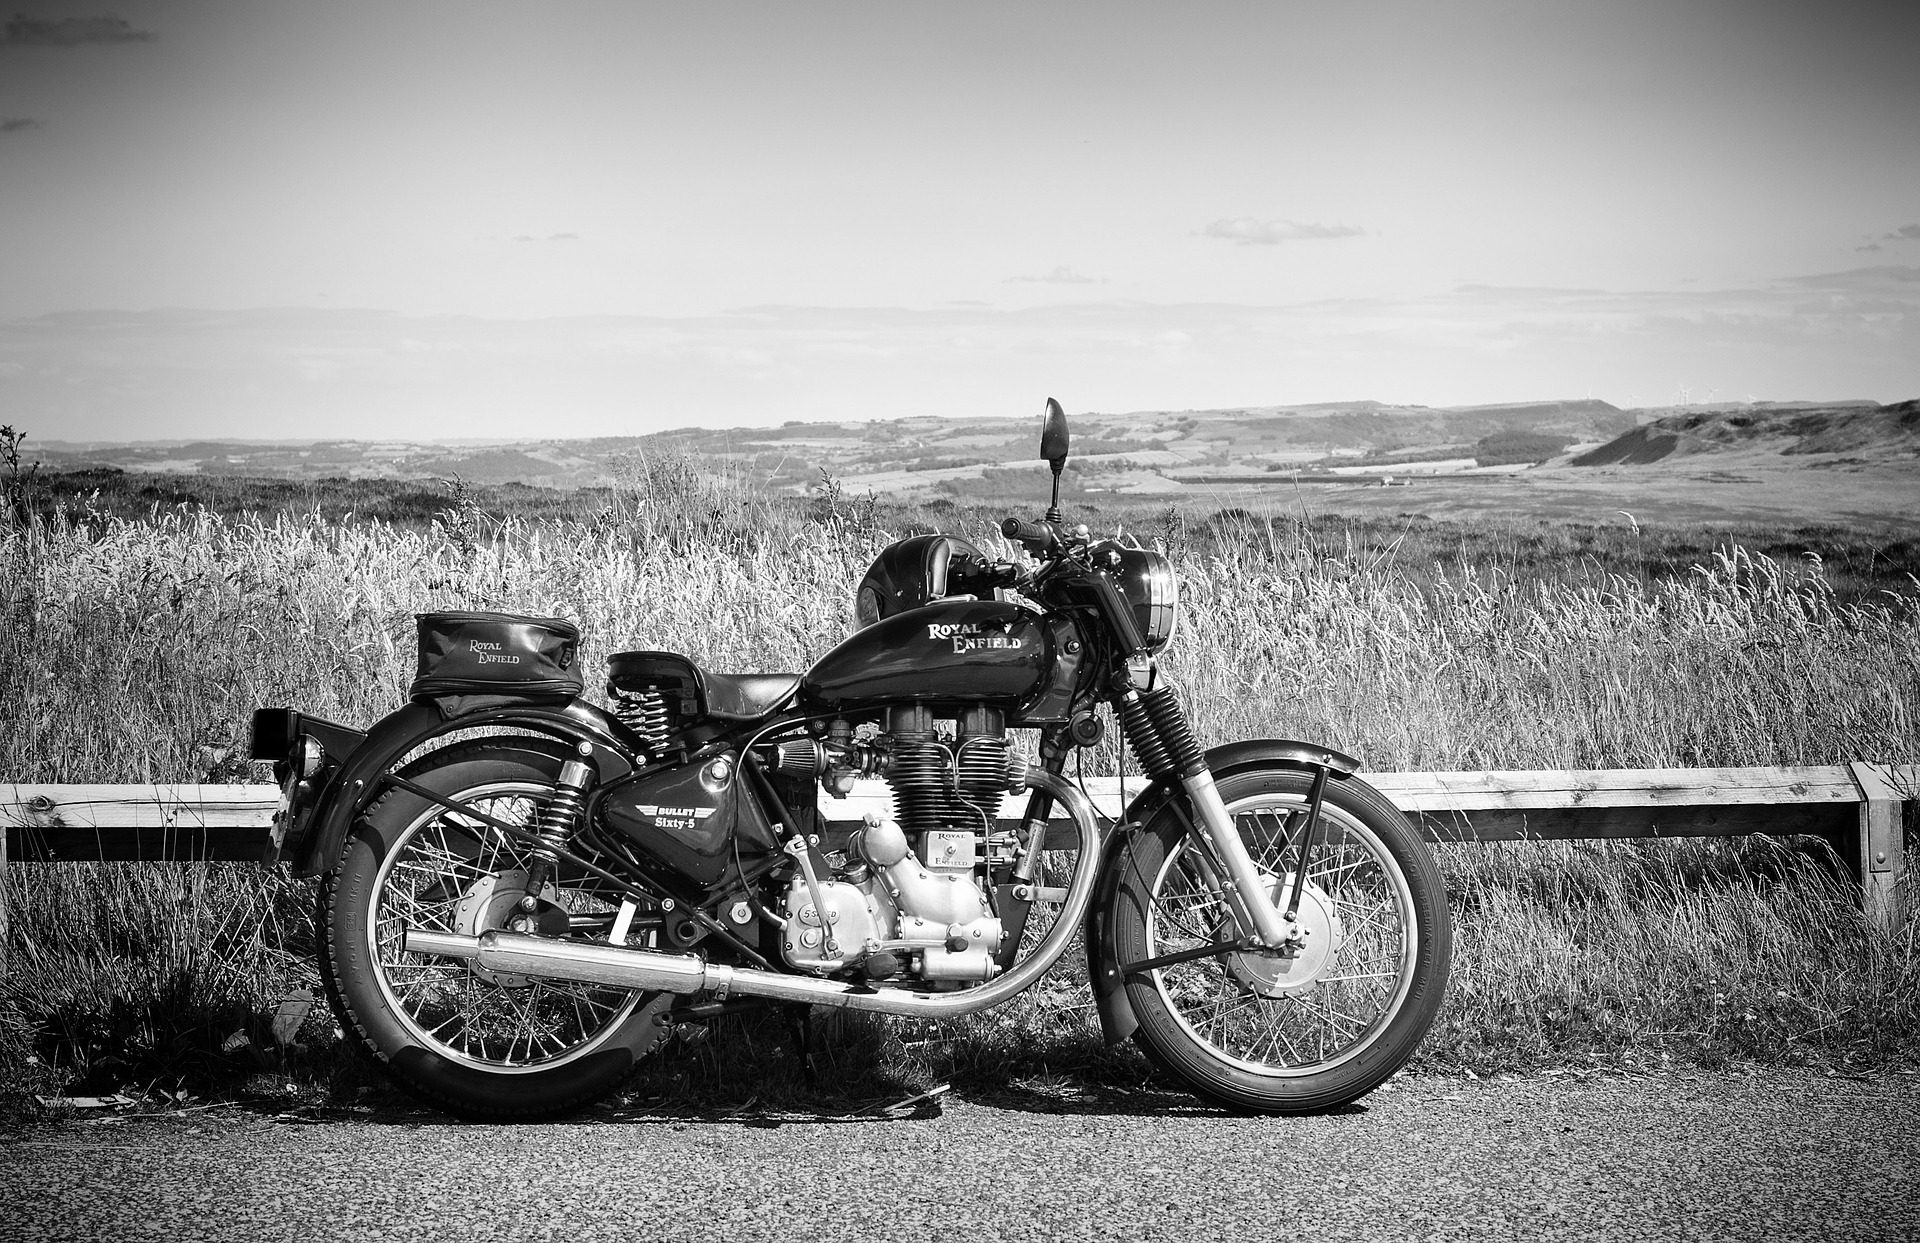 μοτοσικλέτα, Moto, ράγα φρουράς, Δρόμου, σε μαύρο και άσπρο - Wallpapers HD - Professor-falken.com